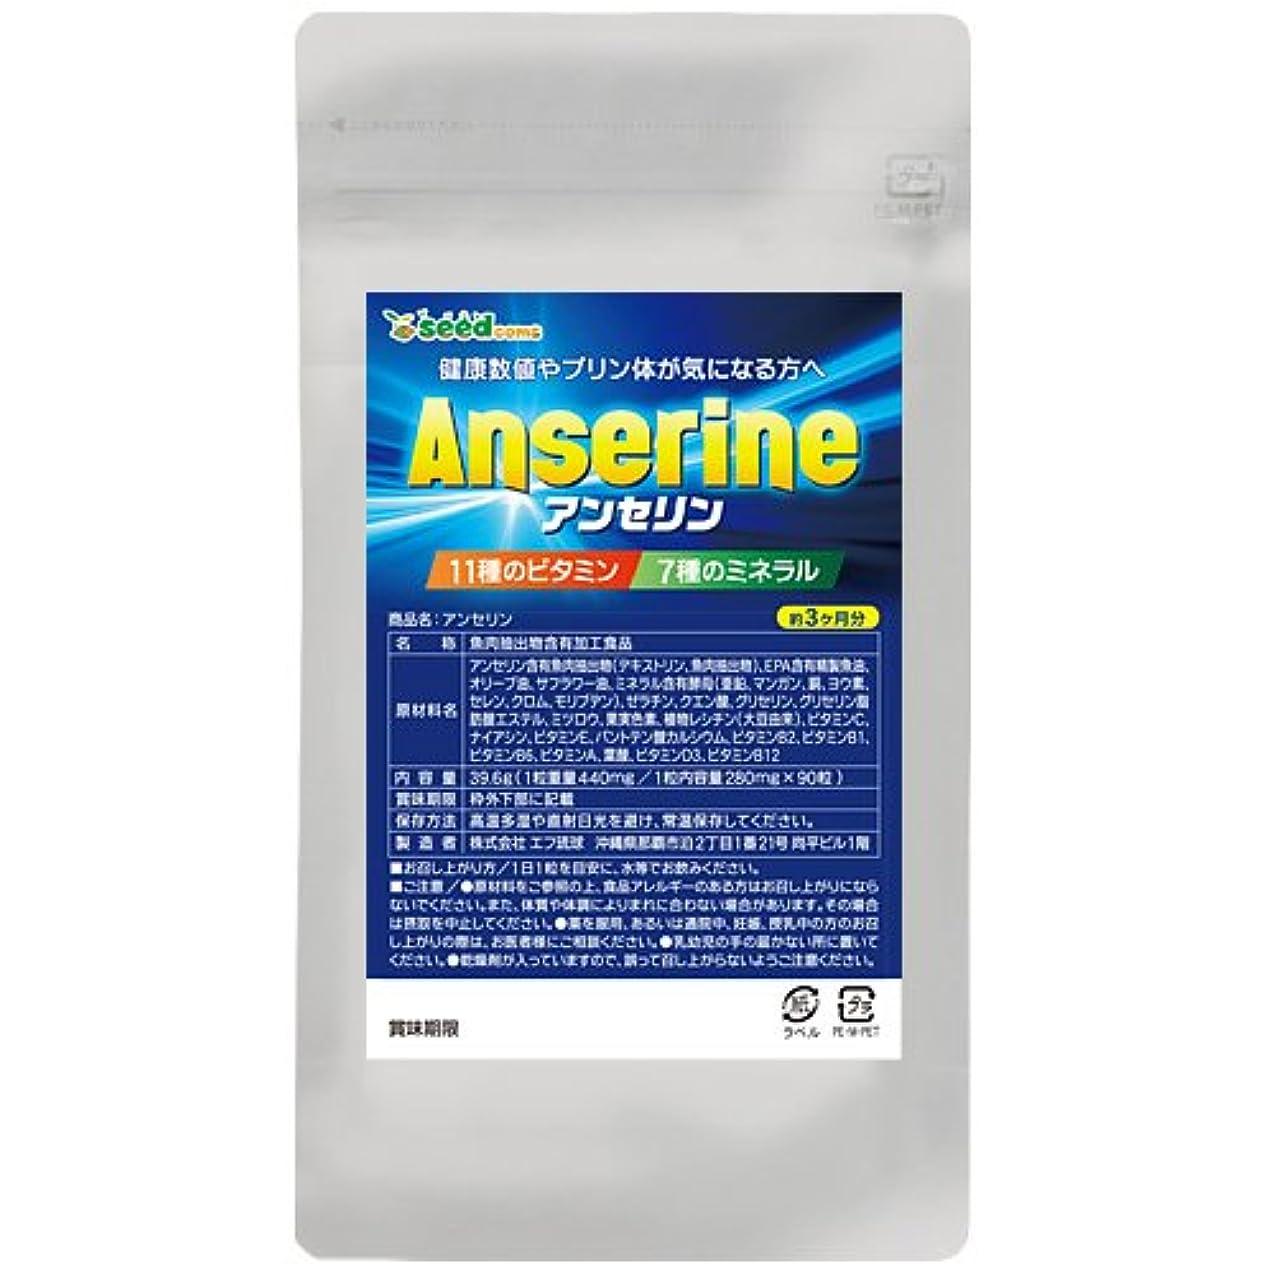 アンタゴニストエステート議論するアンセリン (約3ヶ月分/90粒) 11種類のビタミン&7種類のミネラル